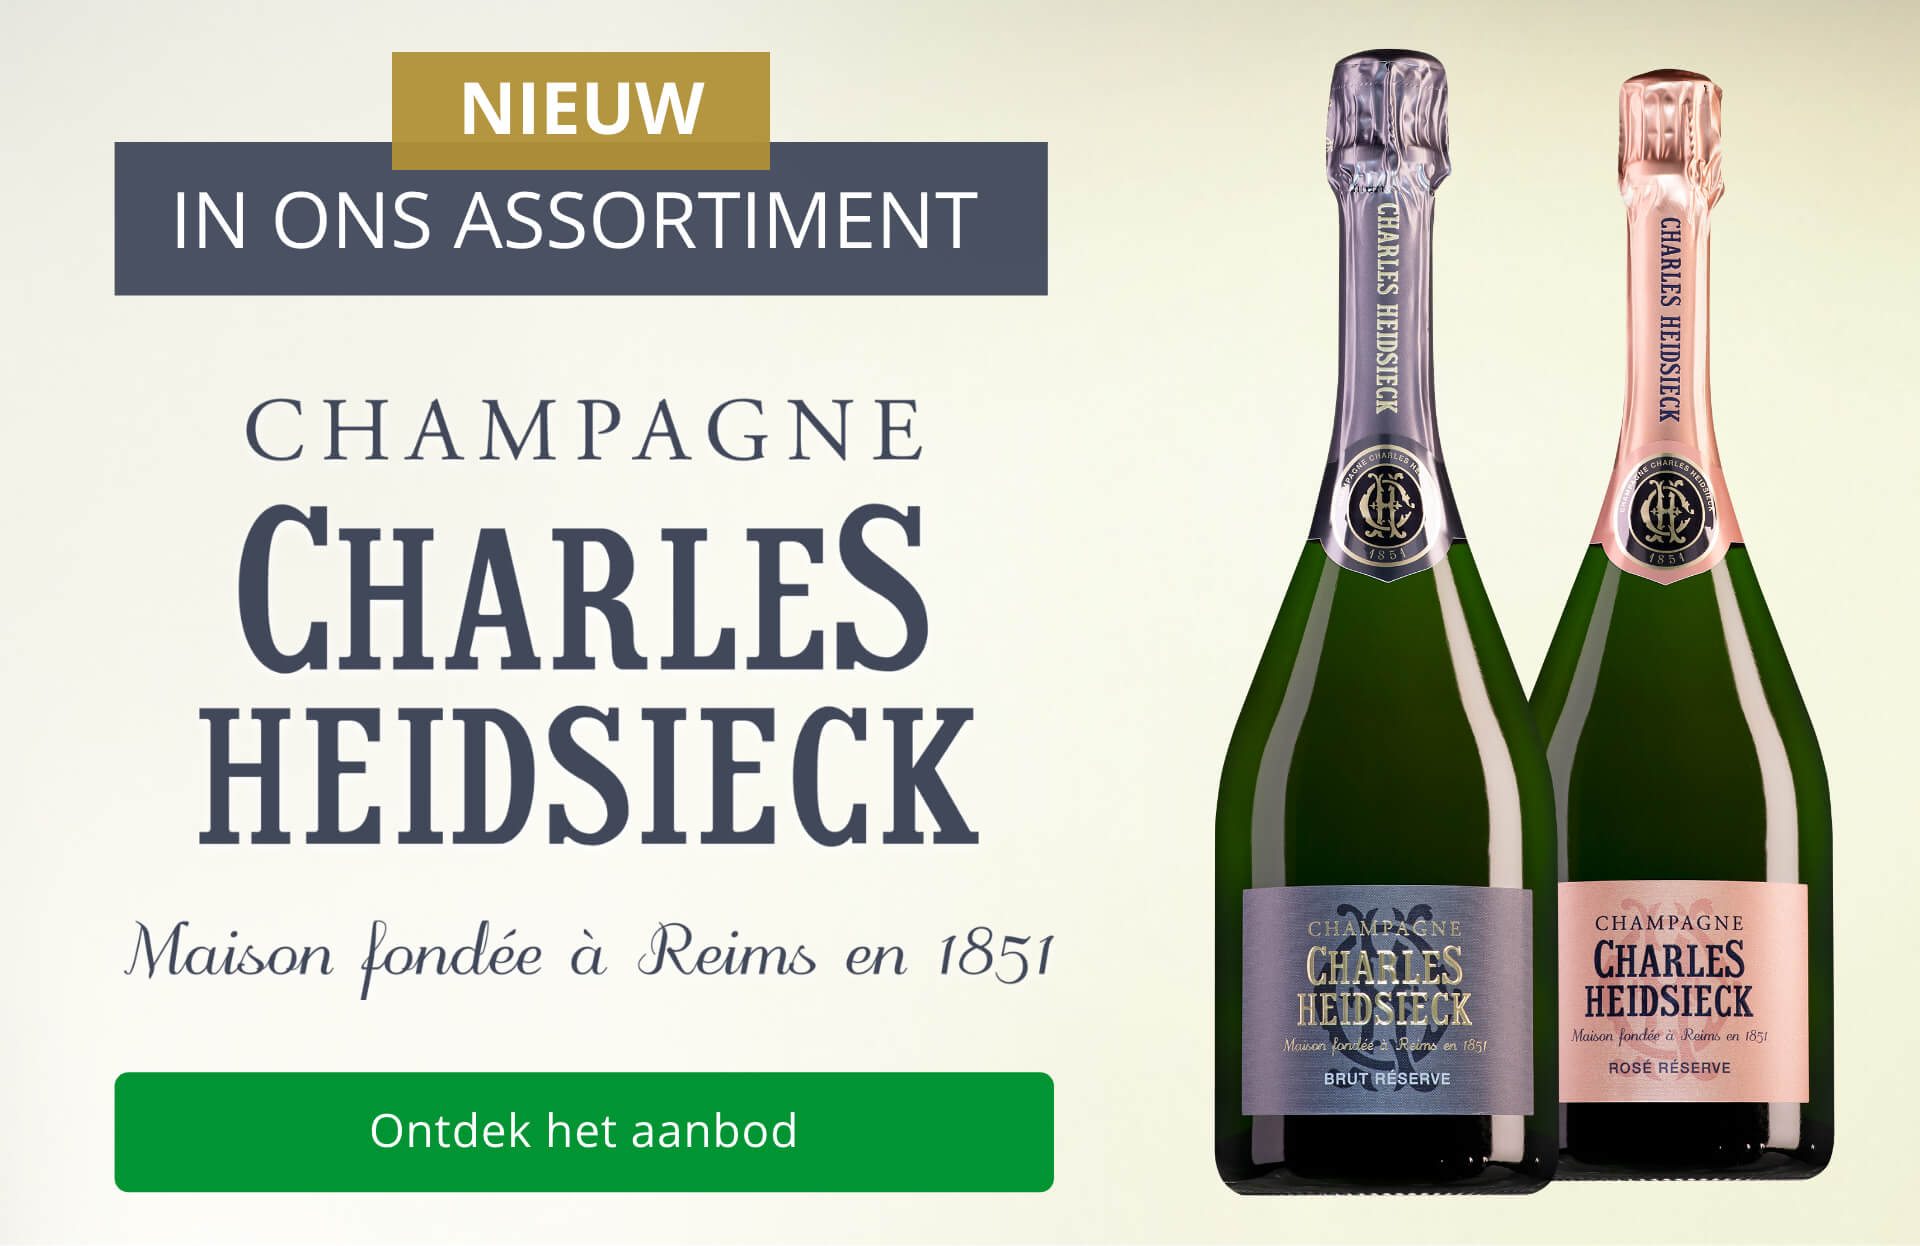 Nieuw in het assortiment: Charles Heidsieck Champagne